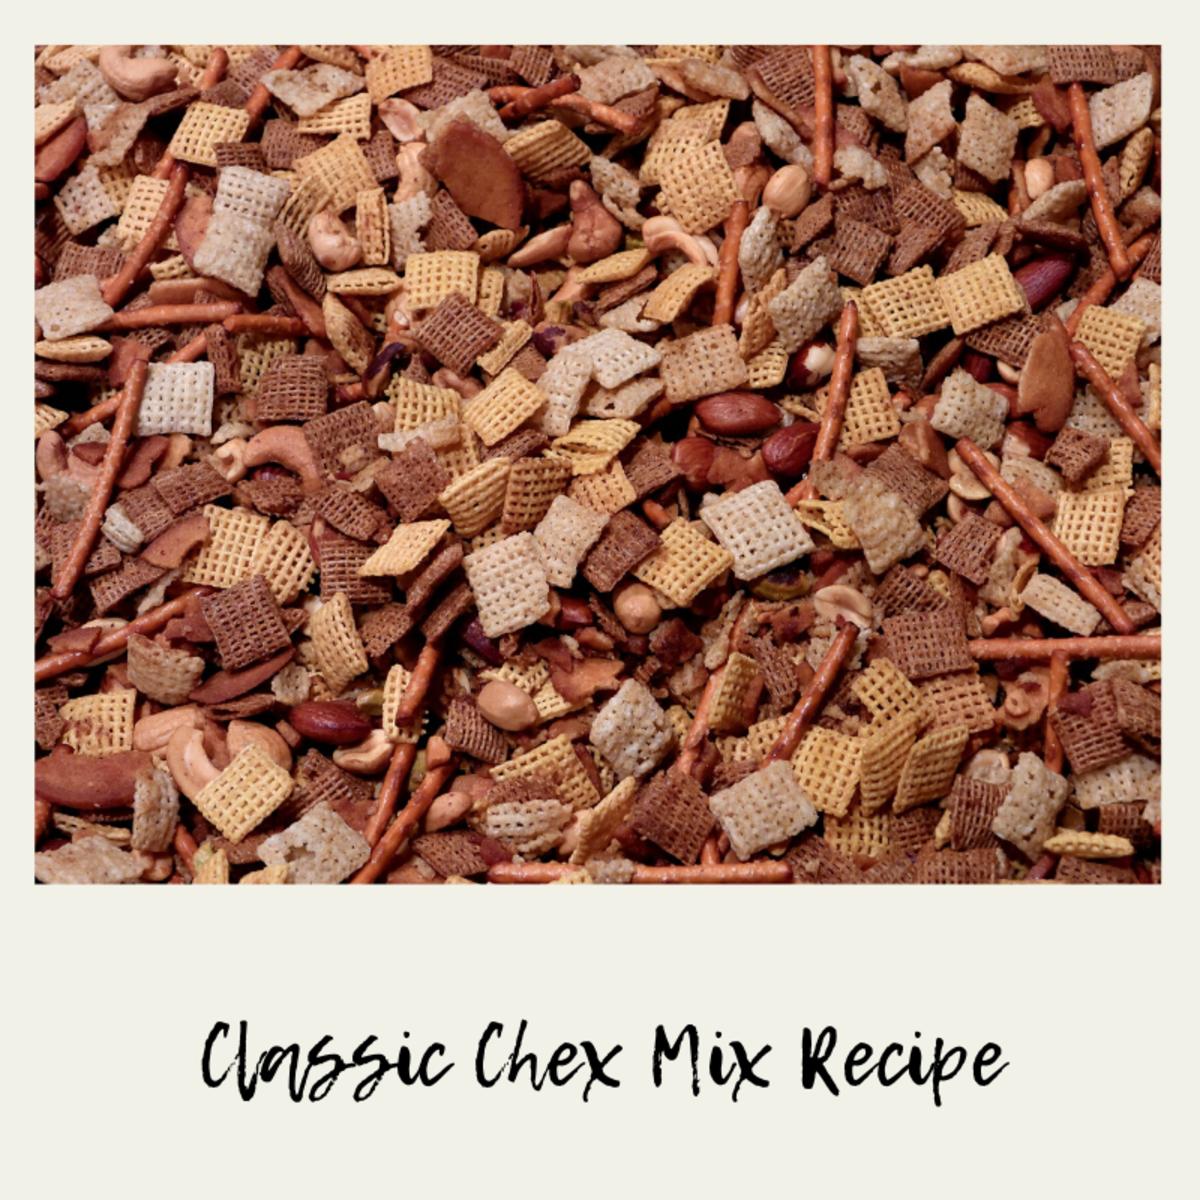 Classic Chex Mix Recipe